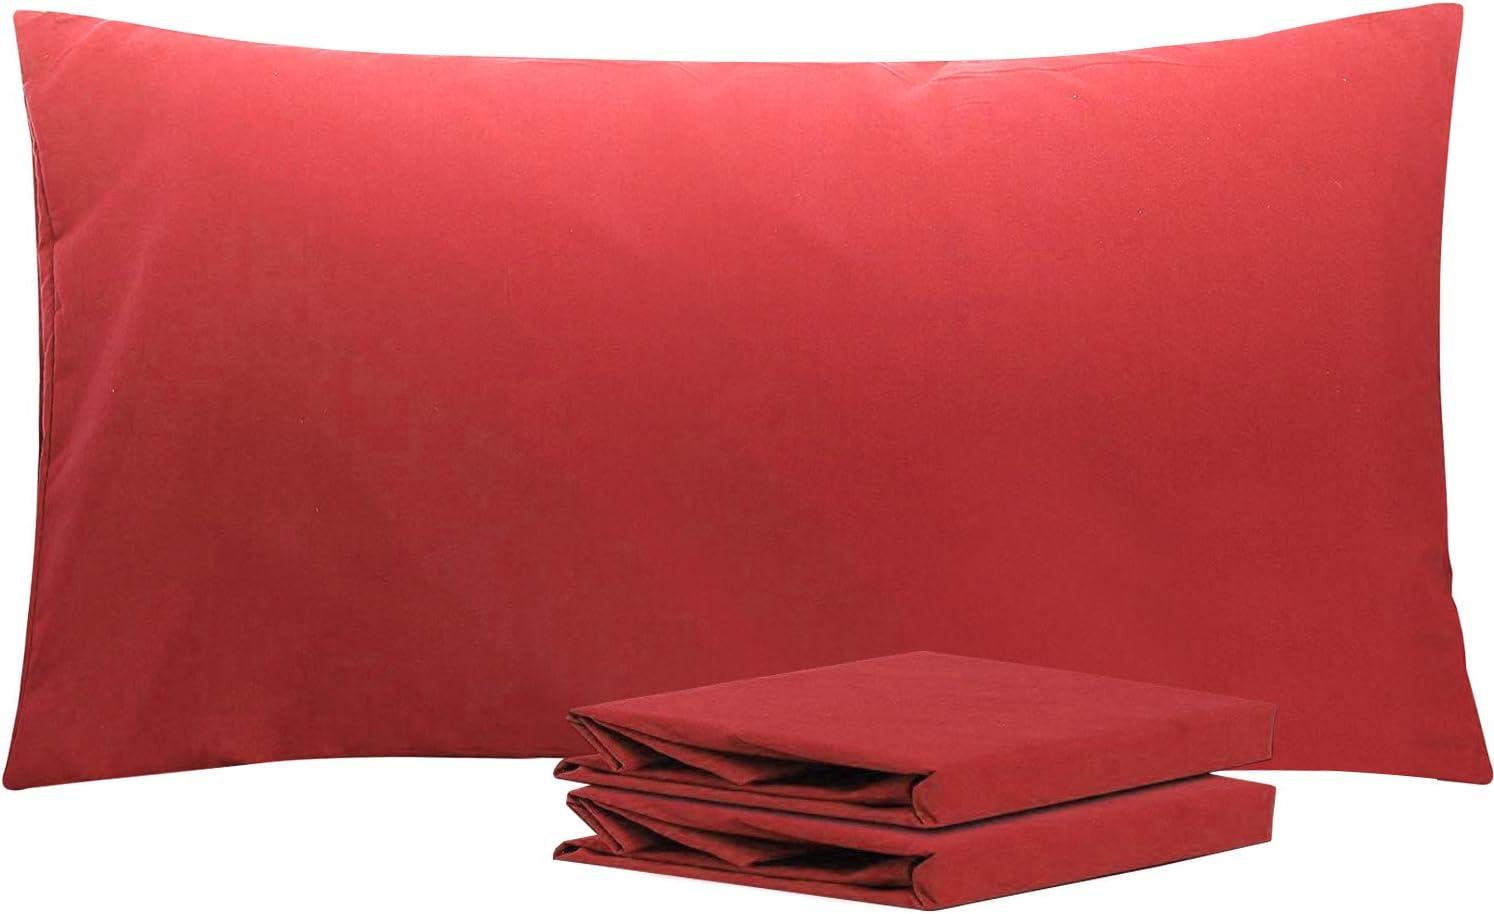 NTBAY Fundas de Almohada de Microfibra, Paquete de 2 Fundas de Almohada con Cierre Suave Antiarrugas y Resistente a Las Manchas, 50x90 cm, Vino Rojo